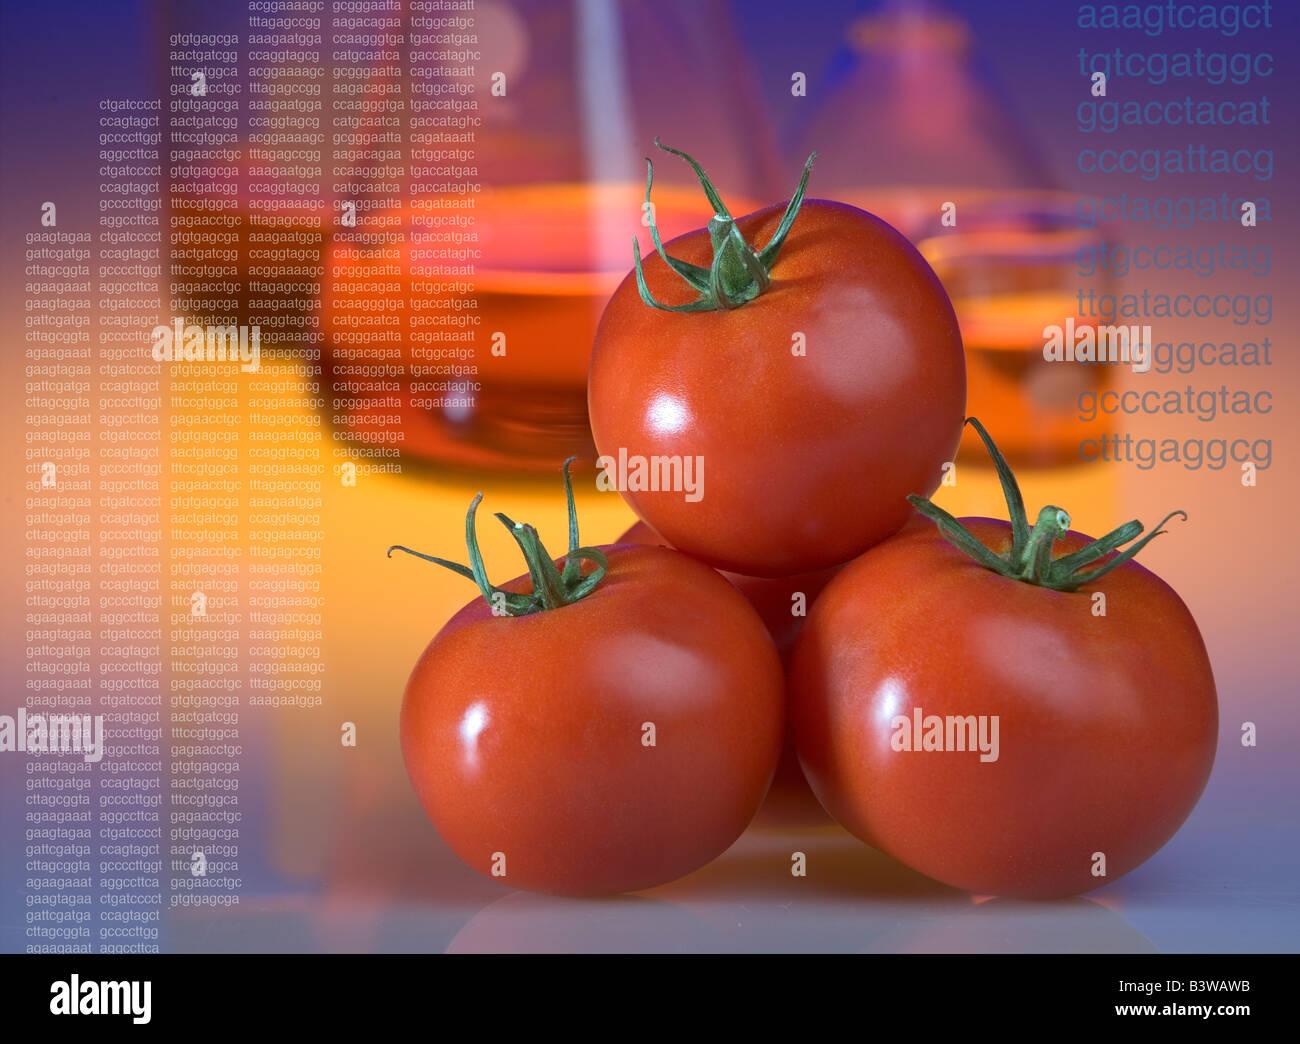 Capture d'organismes génétiquement modifiés Concept montrant les tomates et les codes d'une Photo Stock